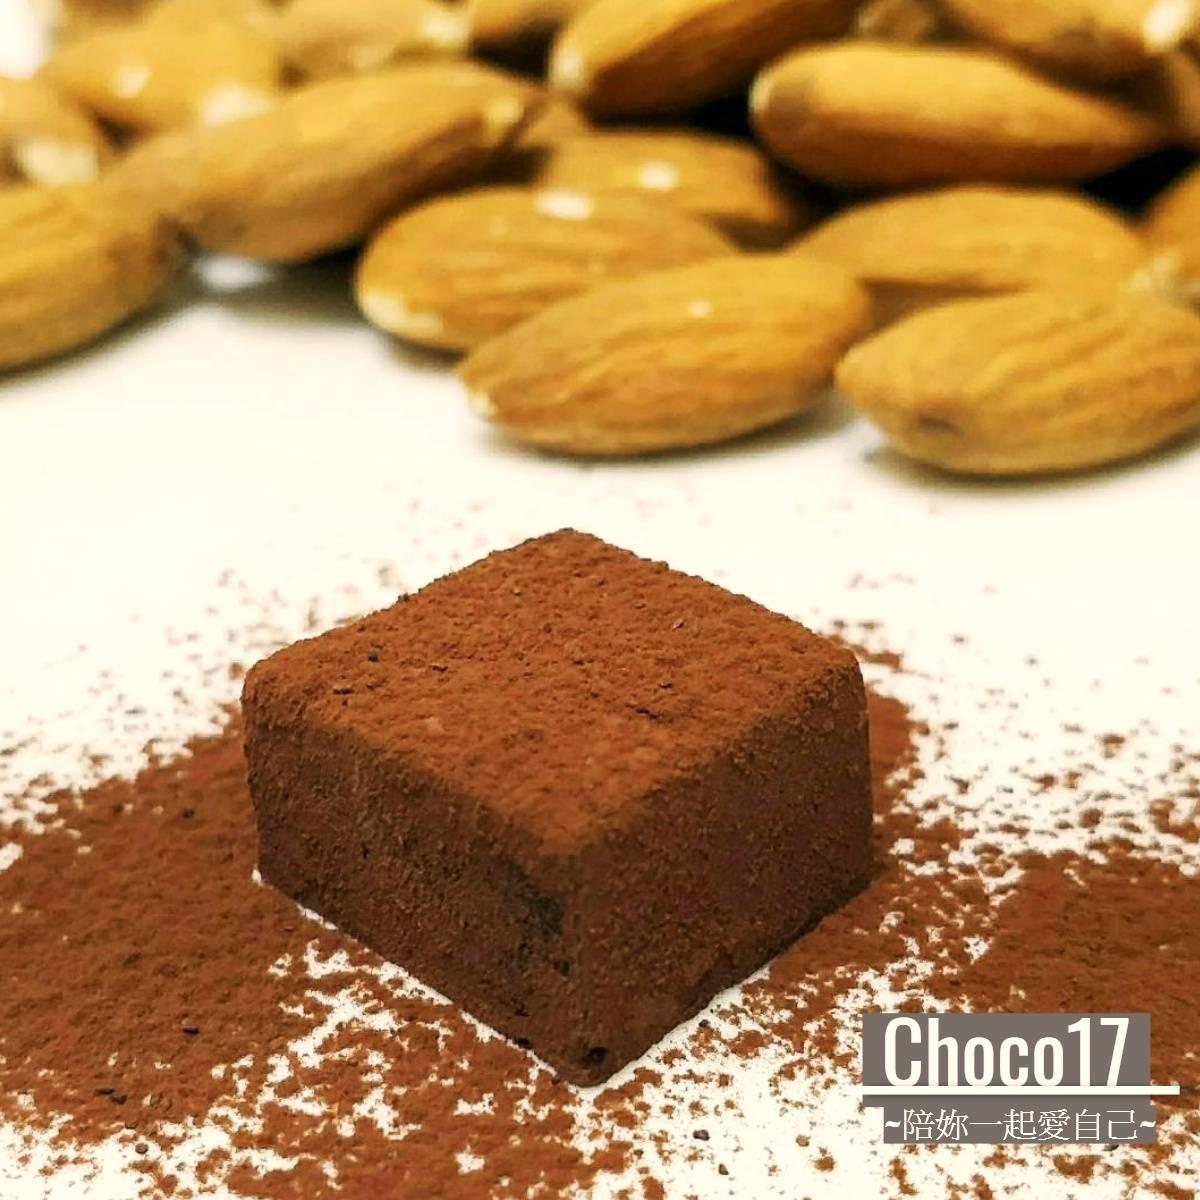 無糖杏仁生巧克力❤減重   生酮飲食必備❤【Choco17 香謝17巧克力】巧克力專賣   APP下單滿$888現折$111 1